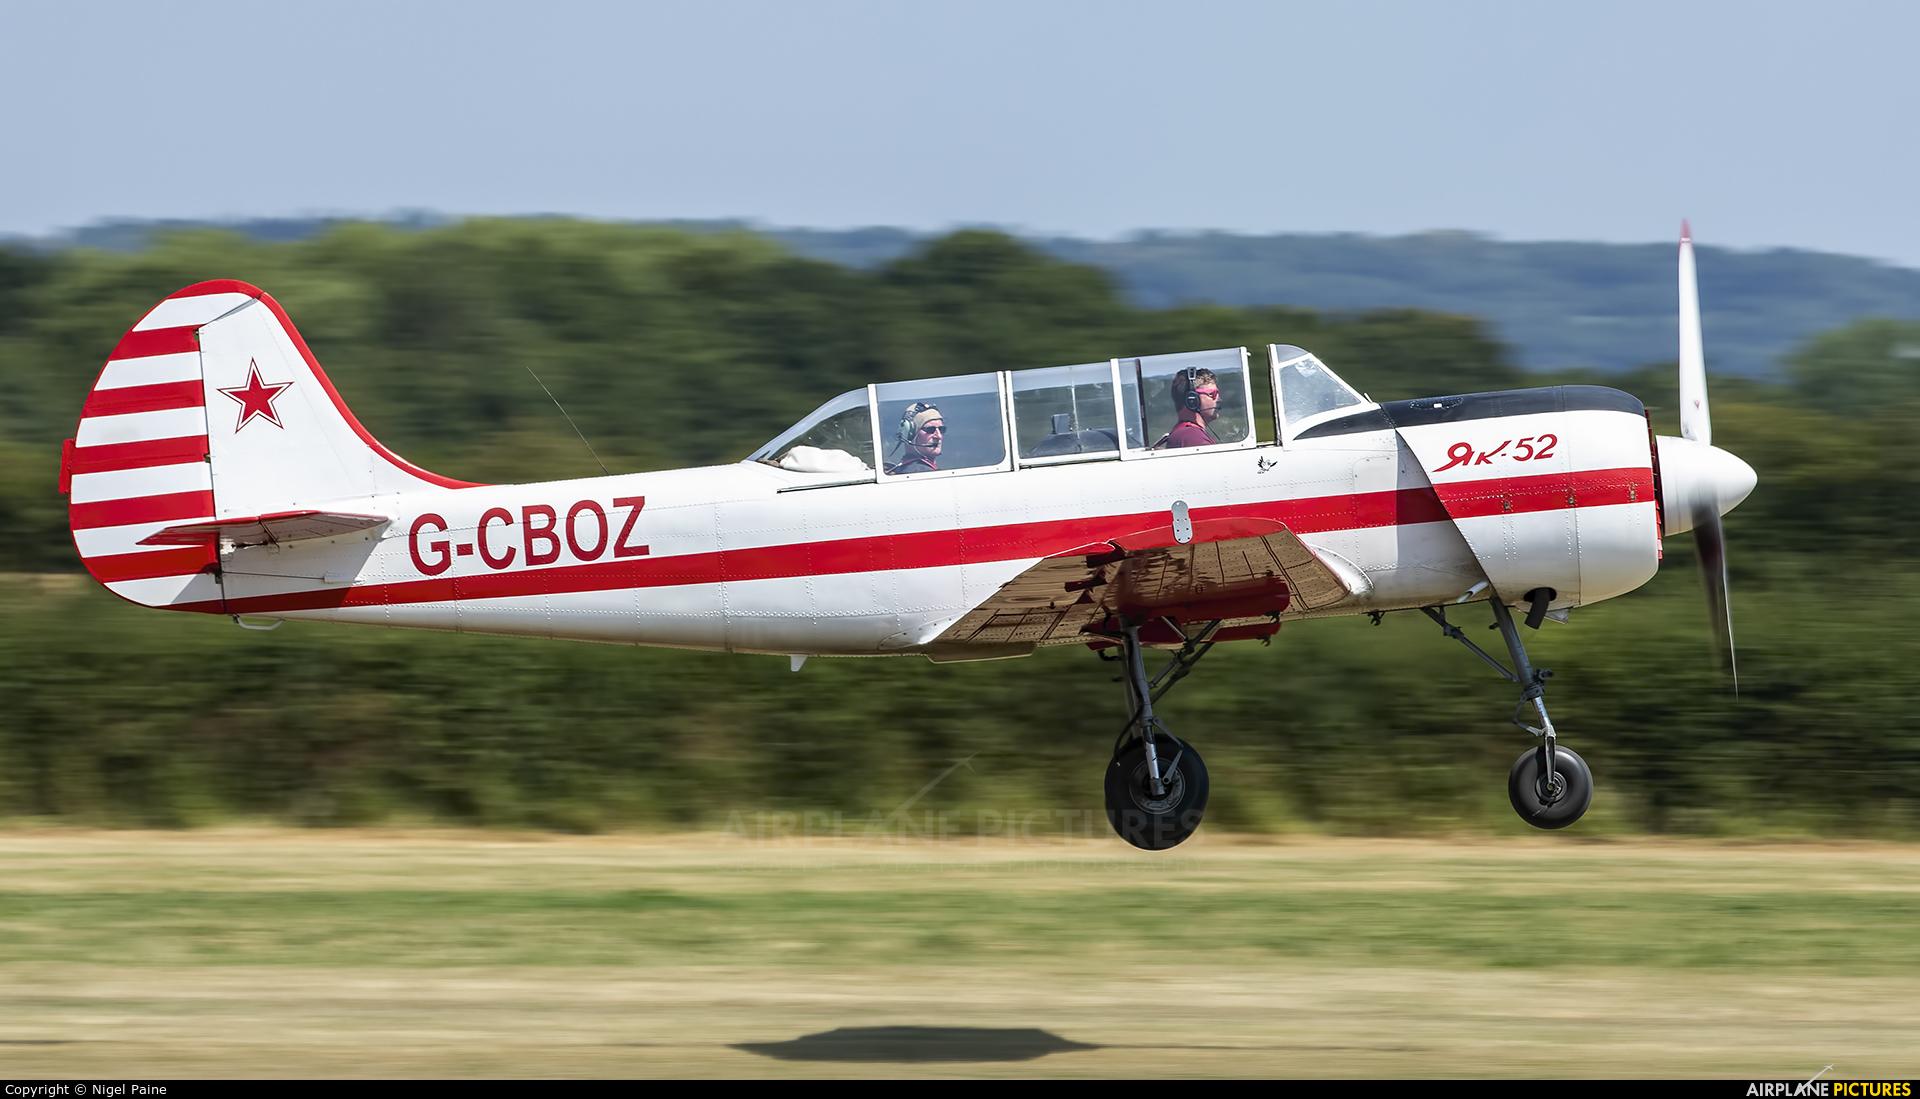 Private G-CBOZ aircraft at Lashenden / Headcorn